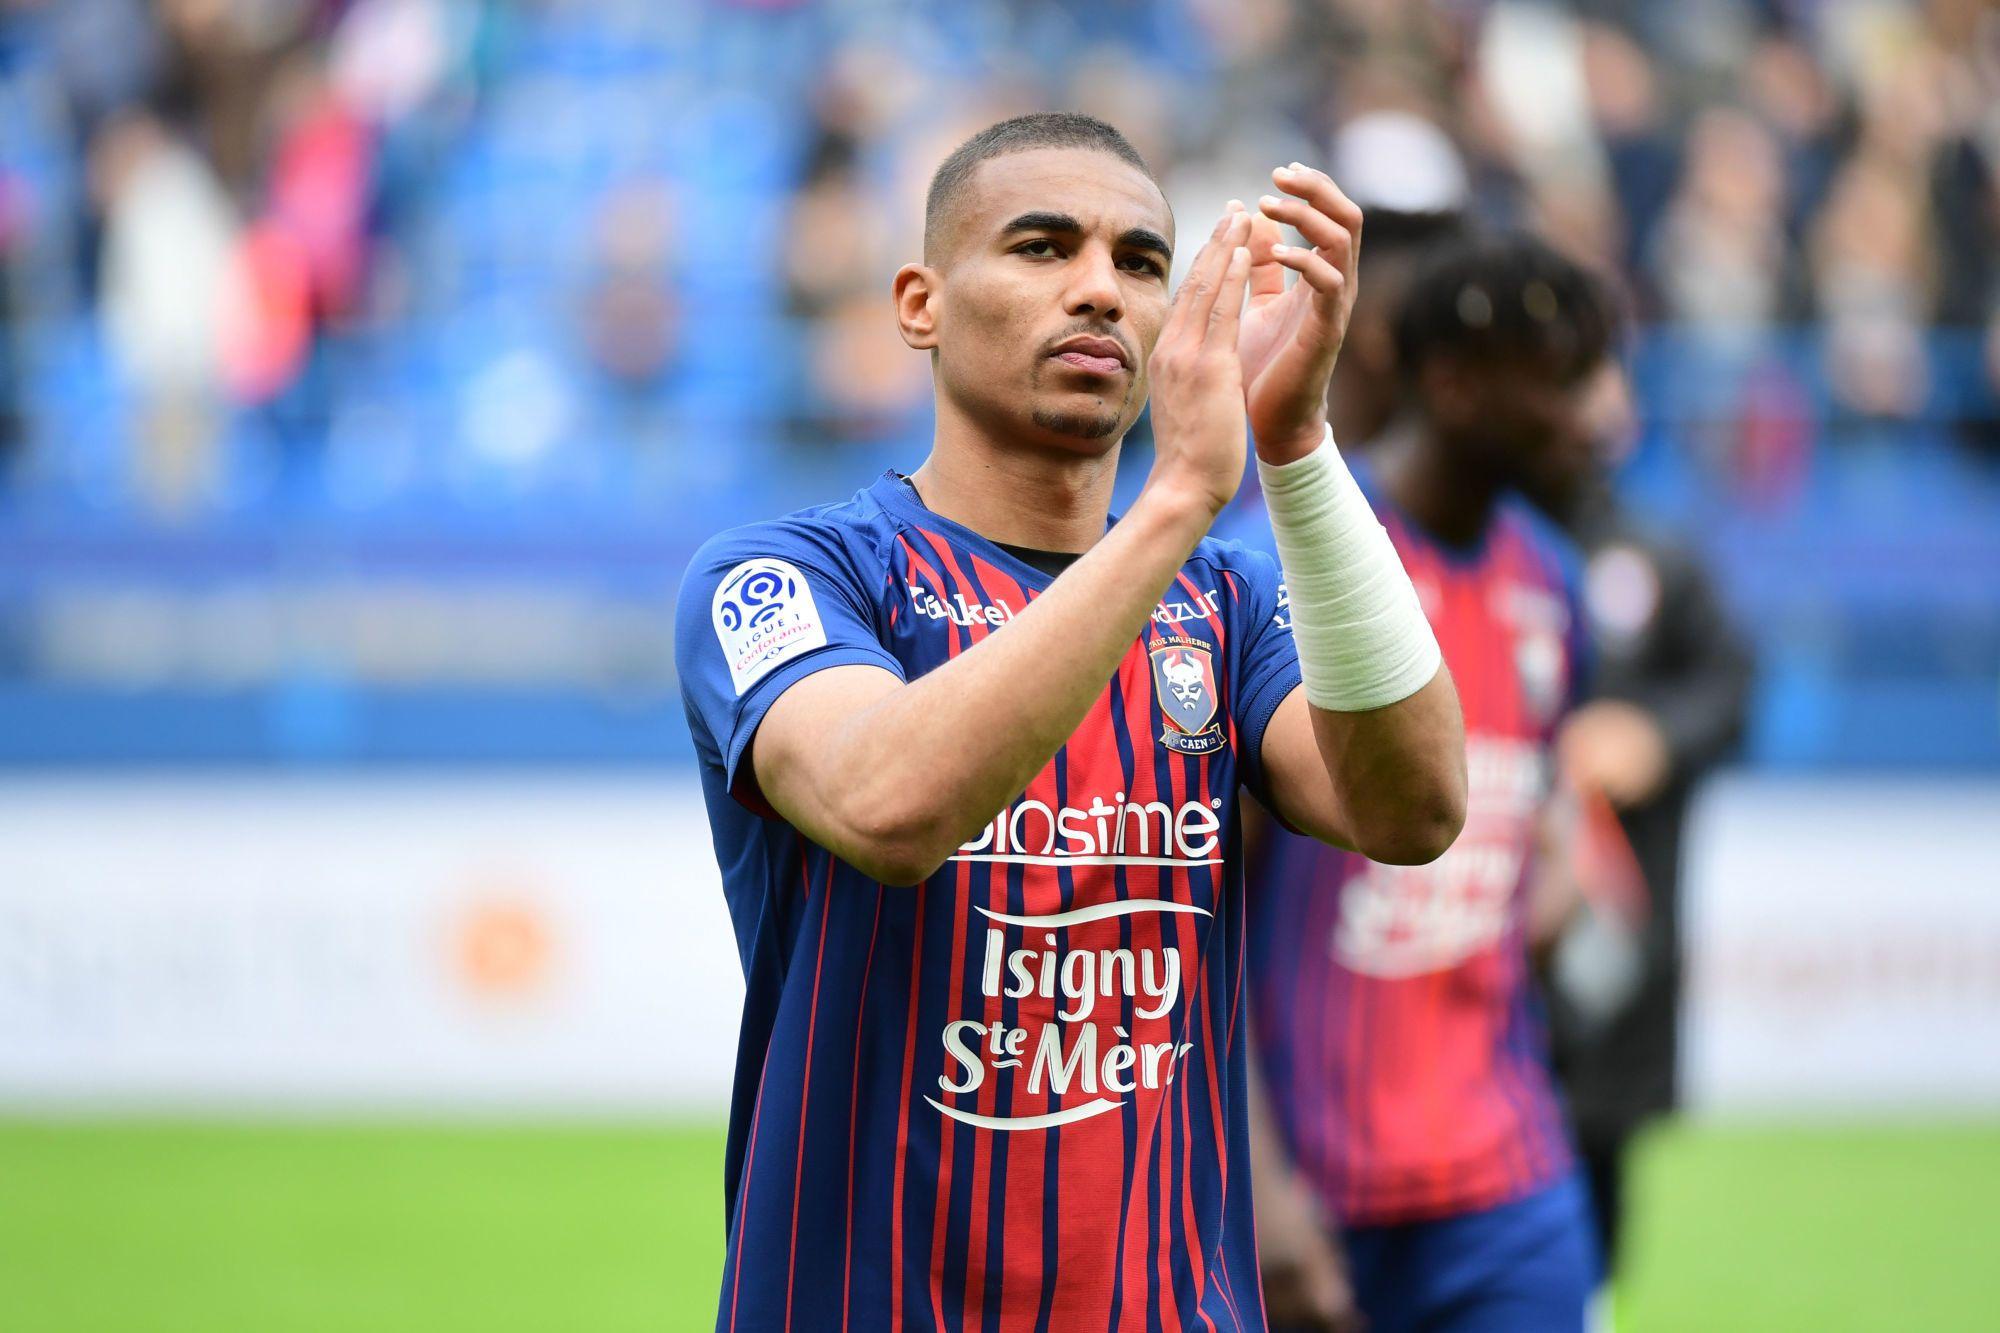 Pourquoi le transfert d'Alexander Djiku serait une bonne nouvelle pour Caen